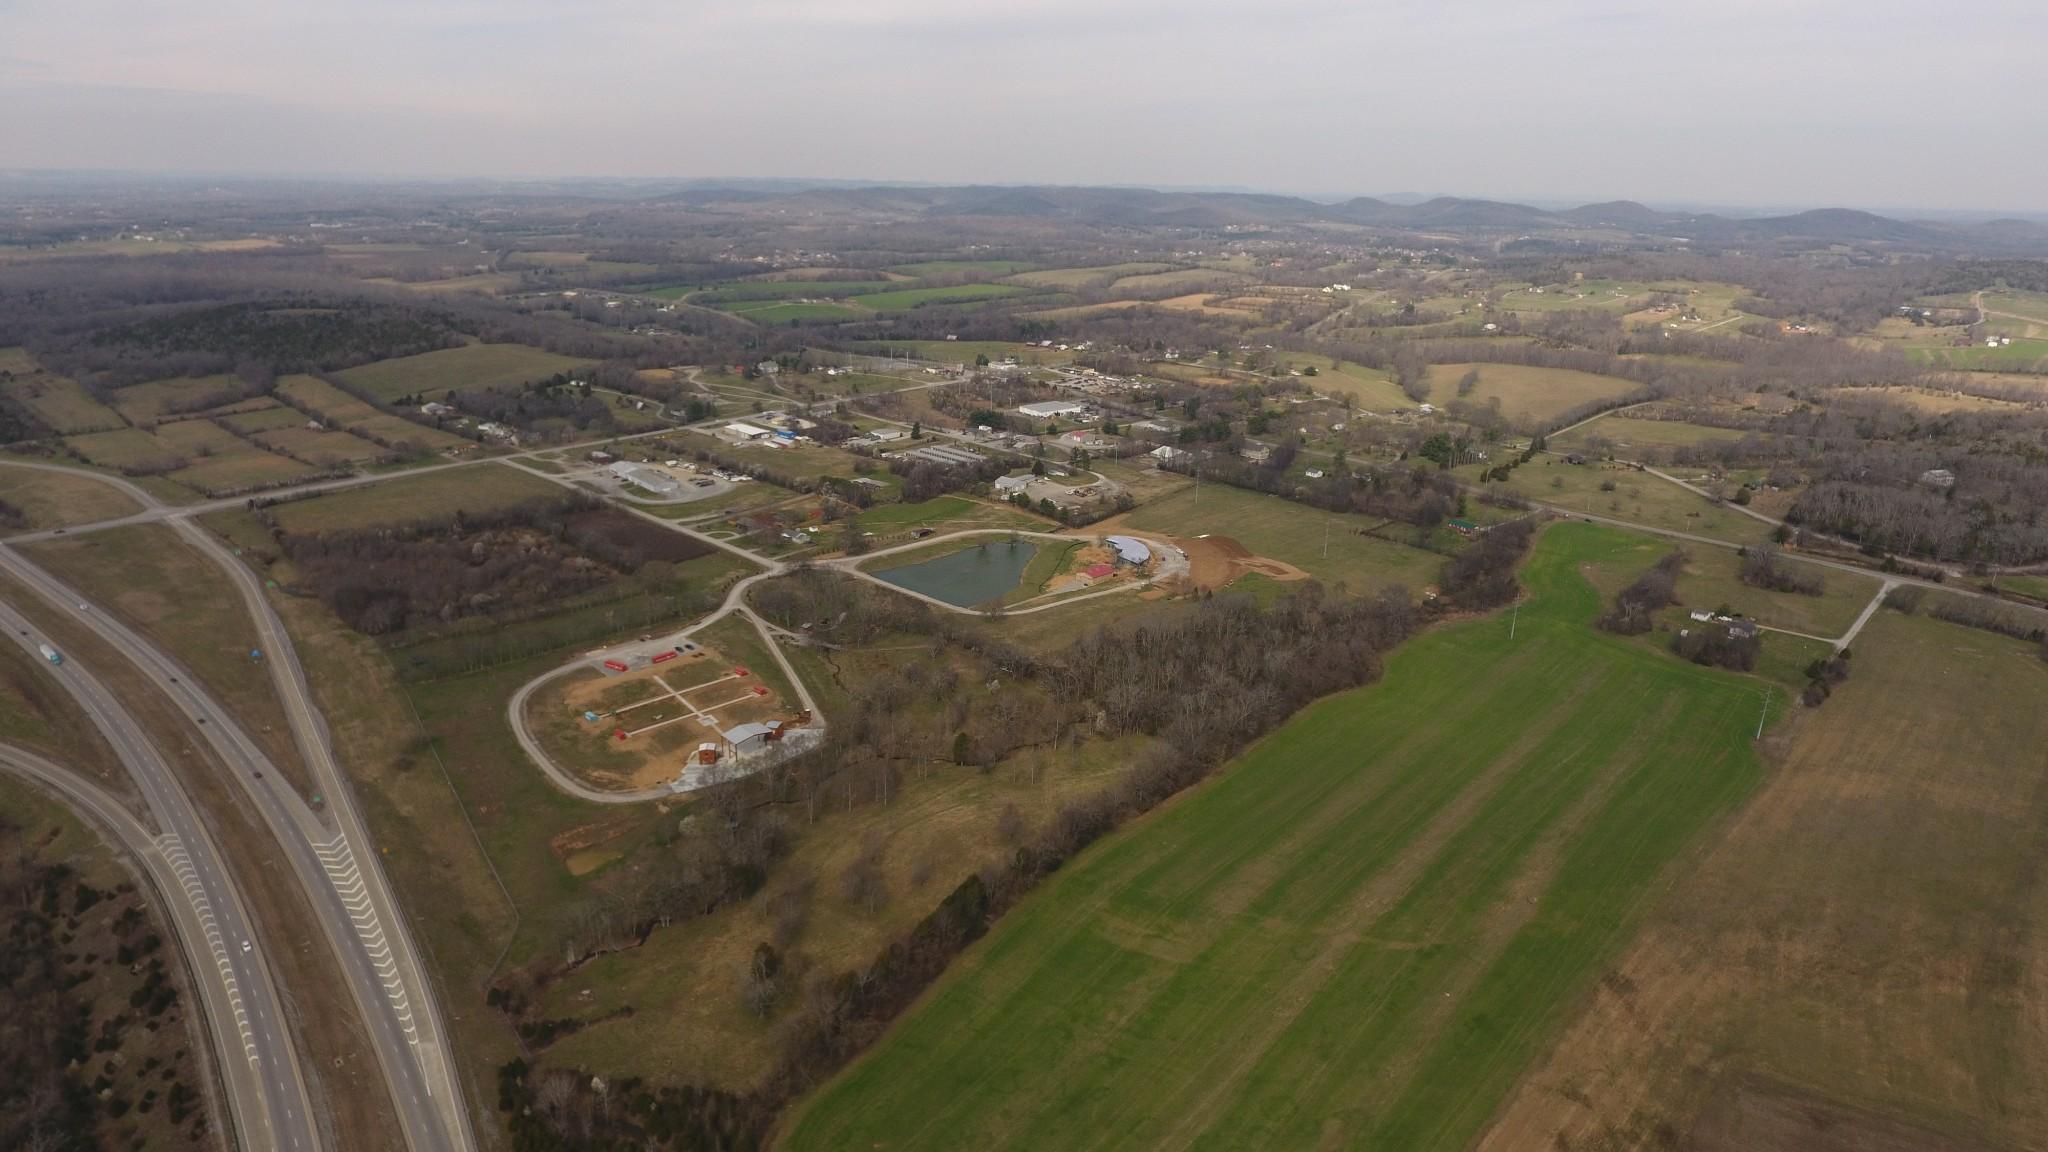 0 Murfreesboro Road/Hwy 96, College Grove, TN 37046 - College Grove, TN real estate listing